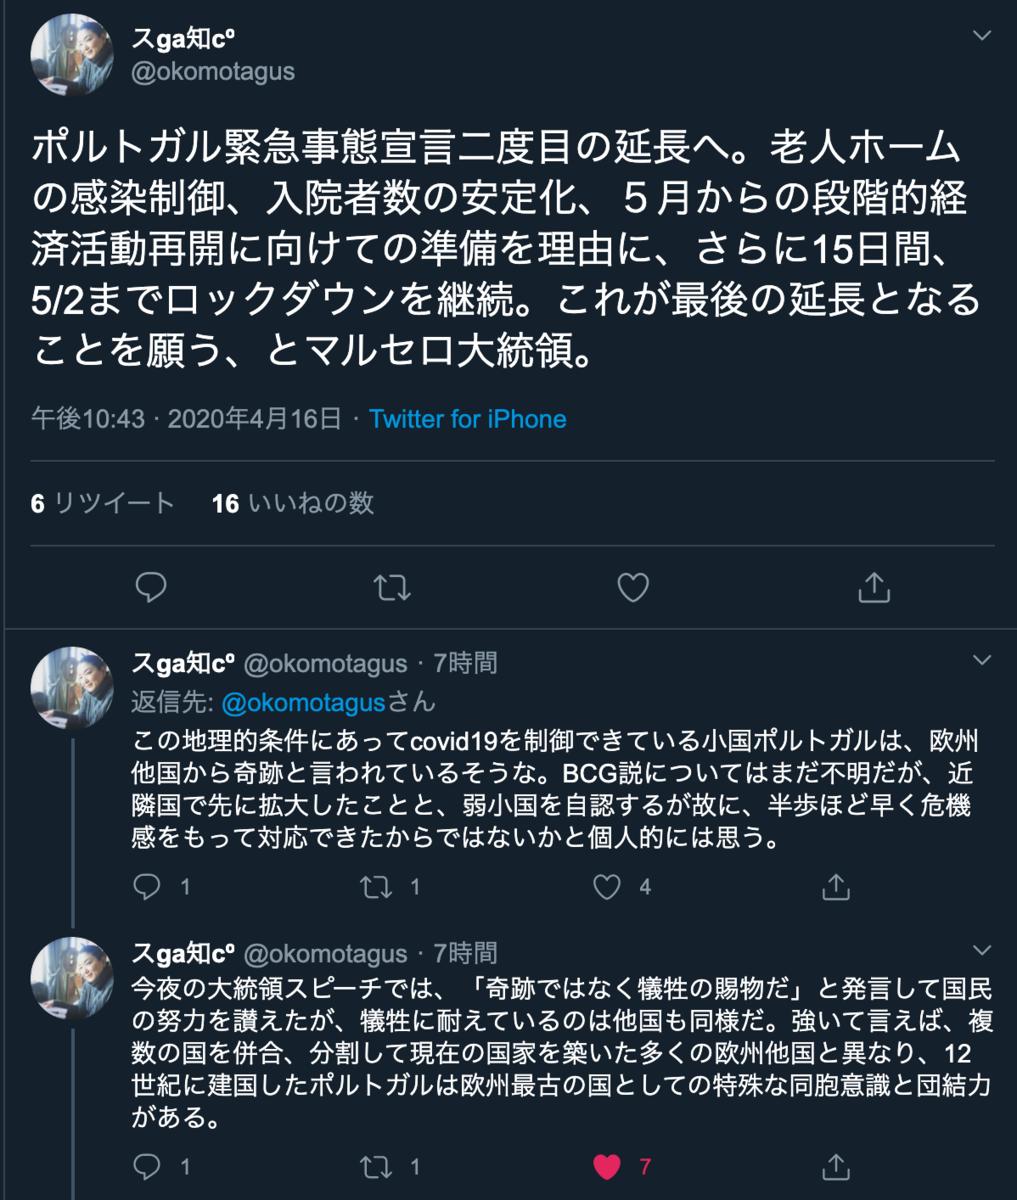 f:id:realtabimosotabi:20200417174712p:plain